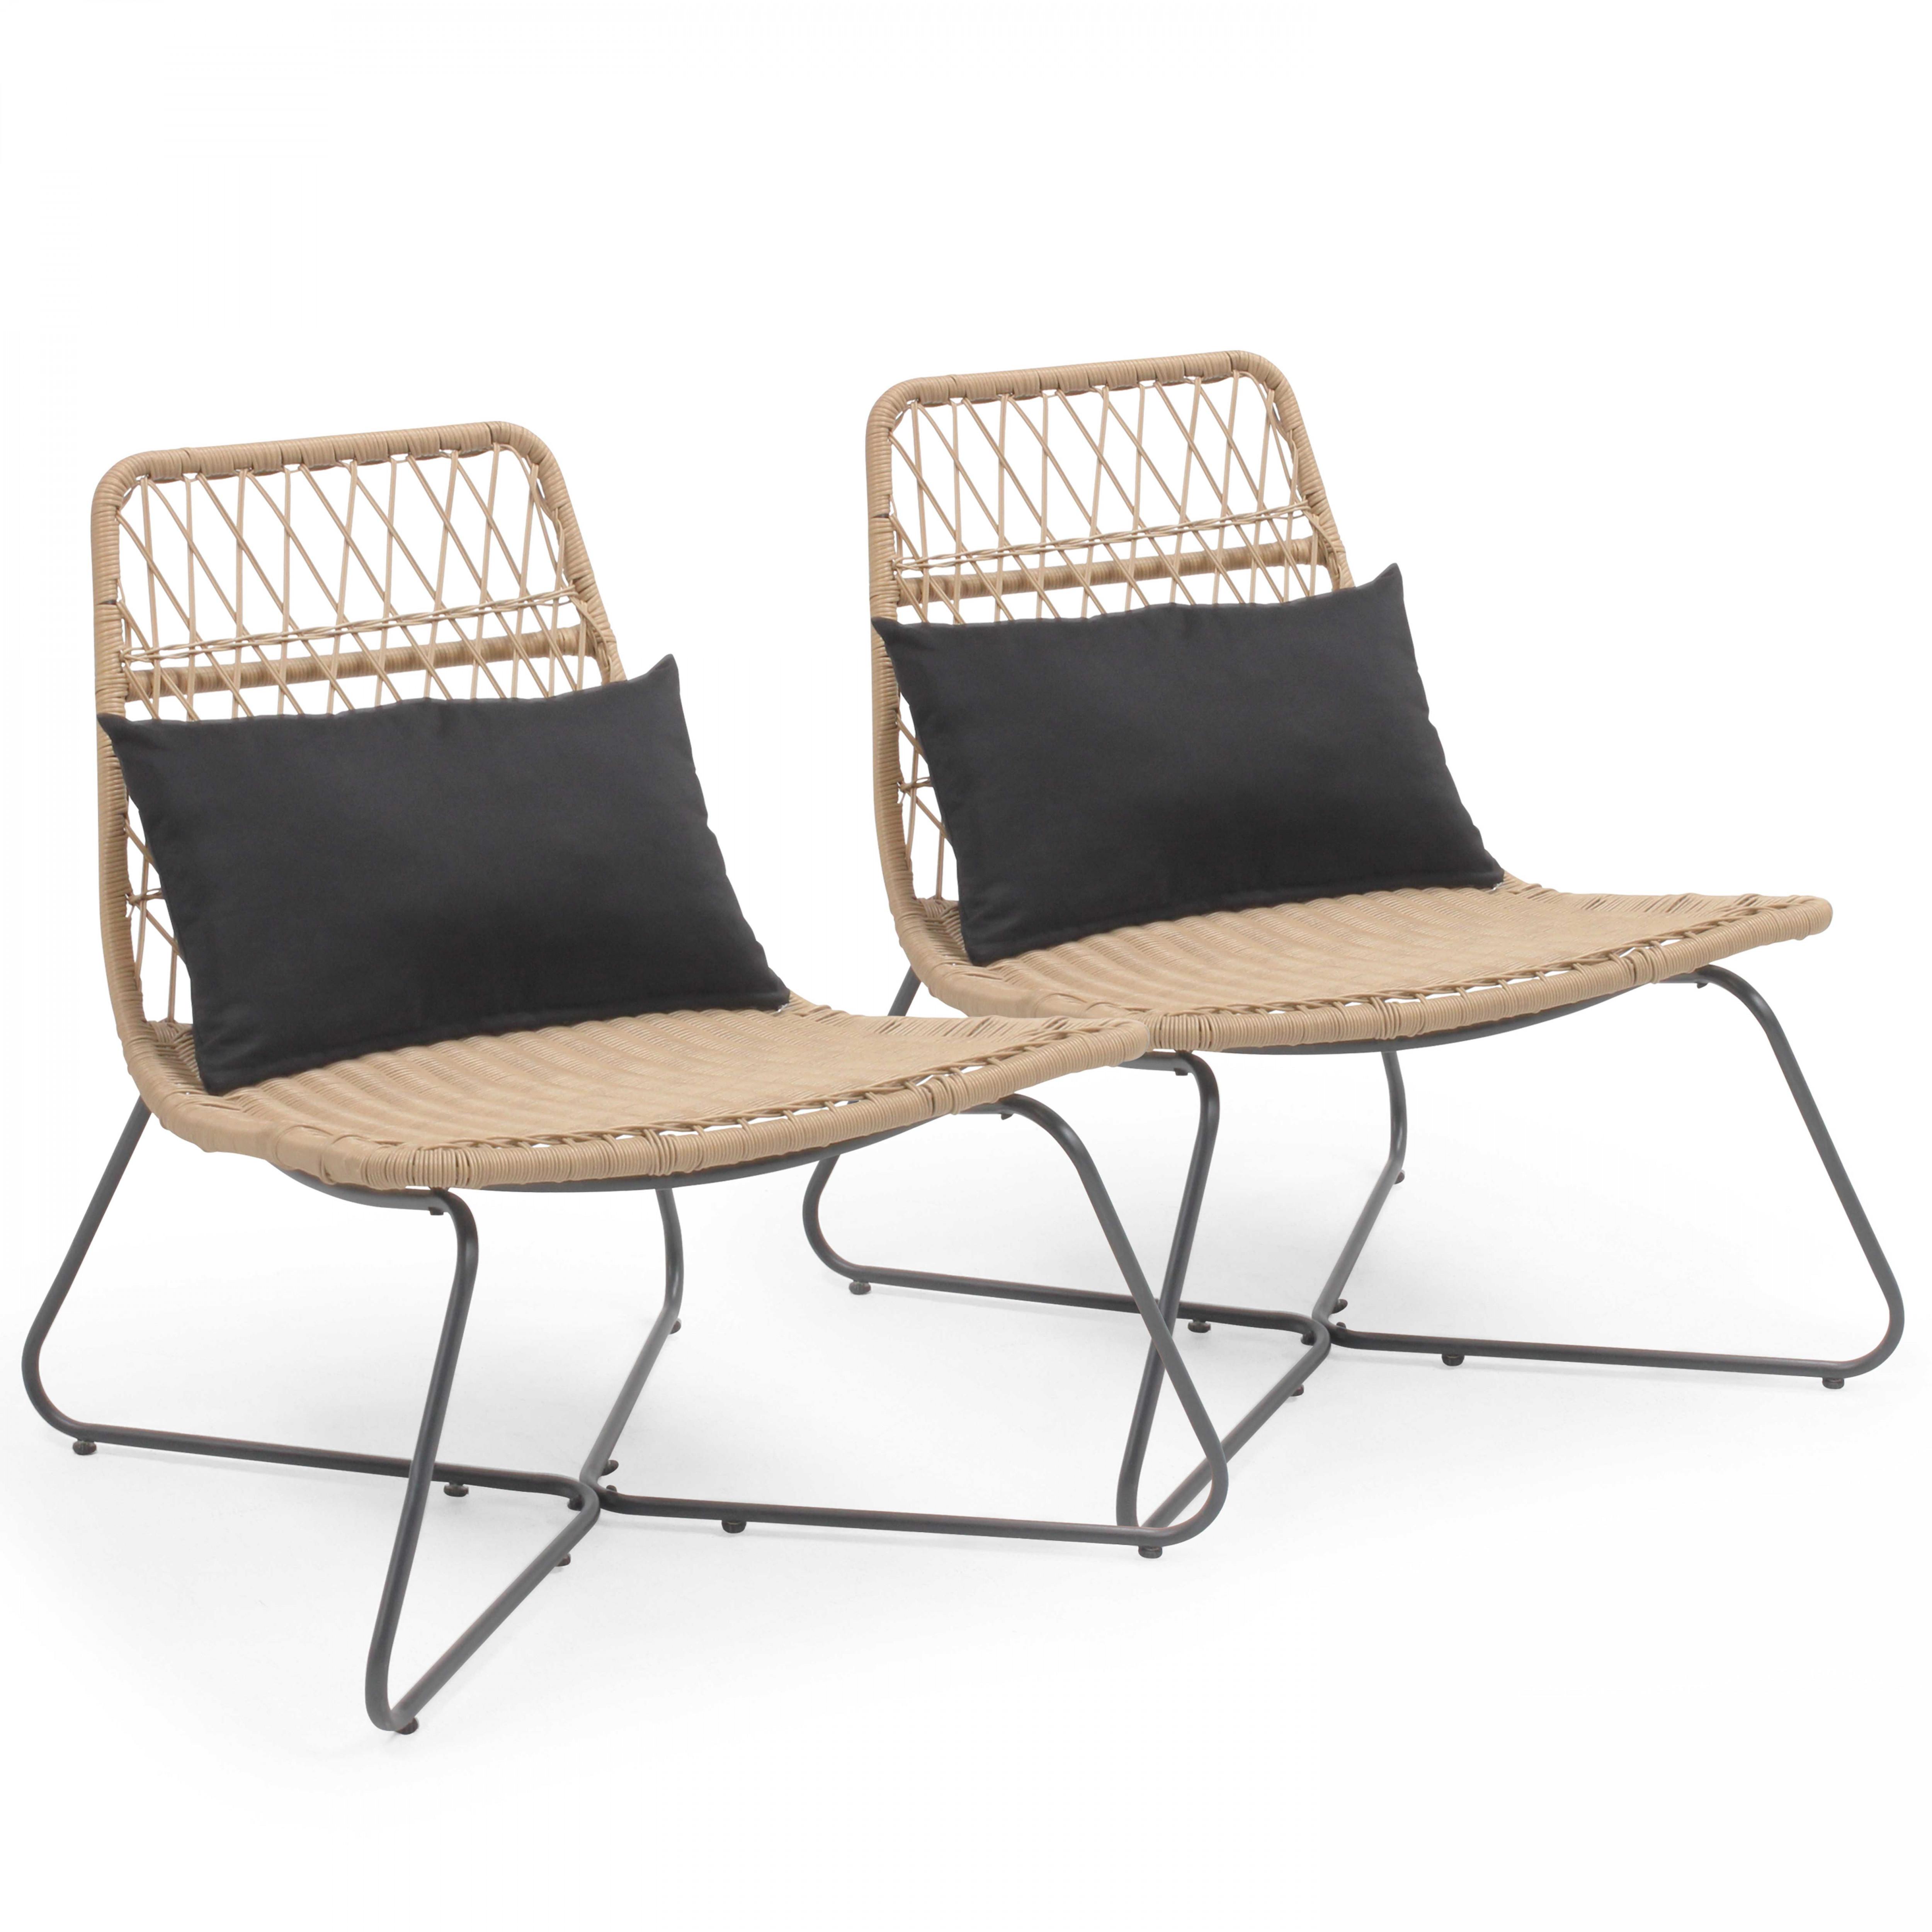 Lot de 2 fauteuils en résine imitation rotin naturel